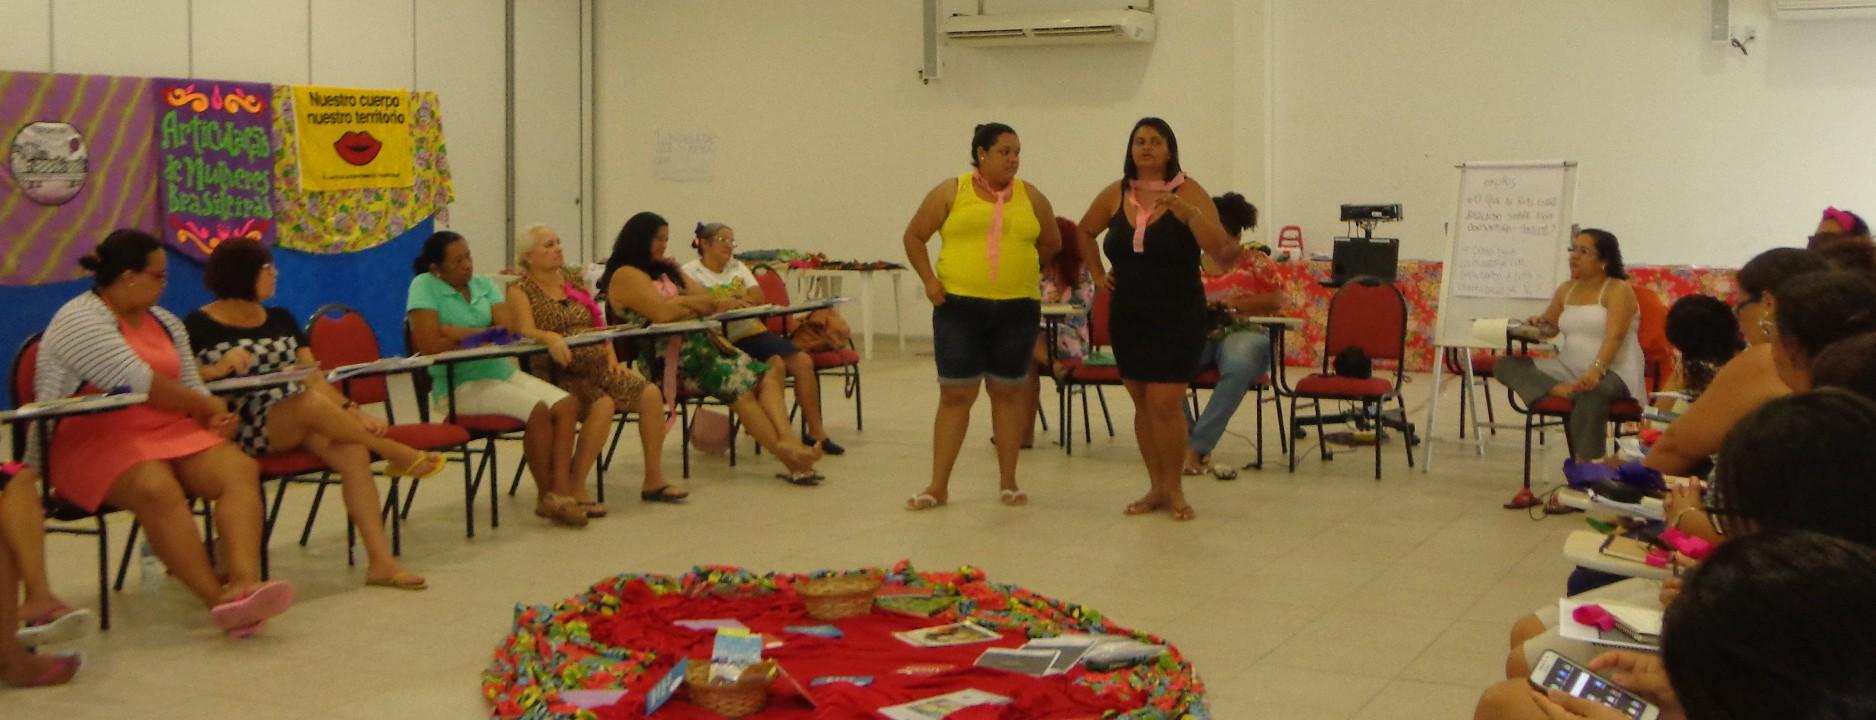 Curso reúne mulheres para formação em política feminista